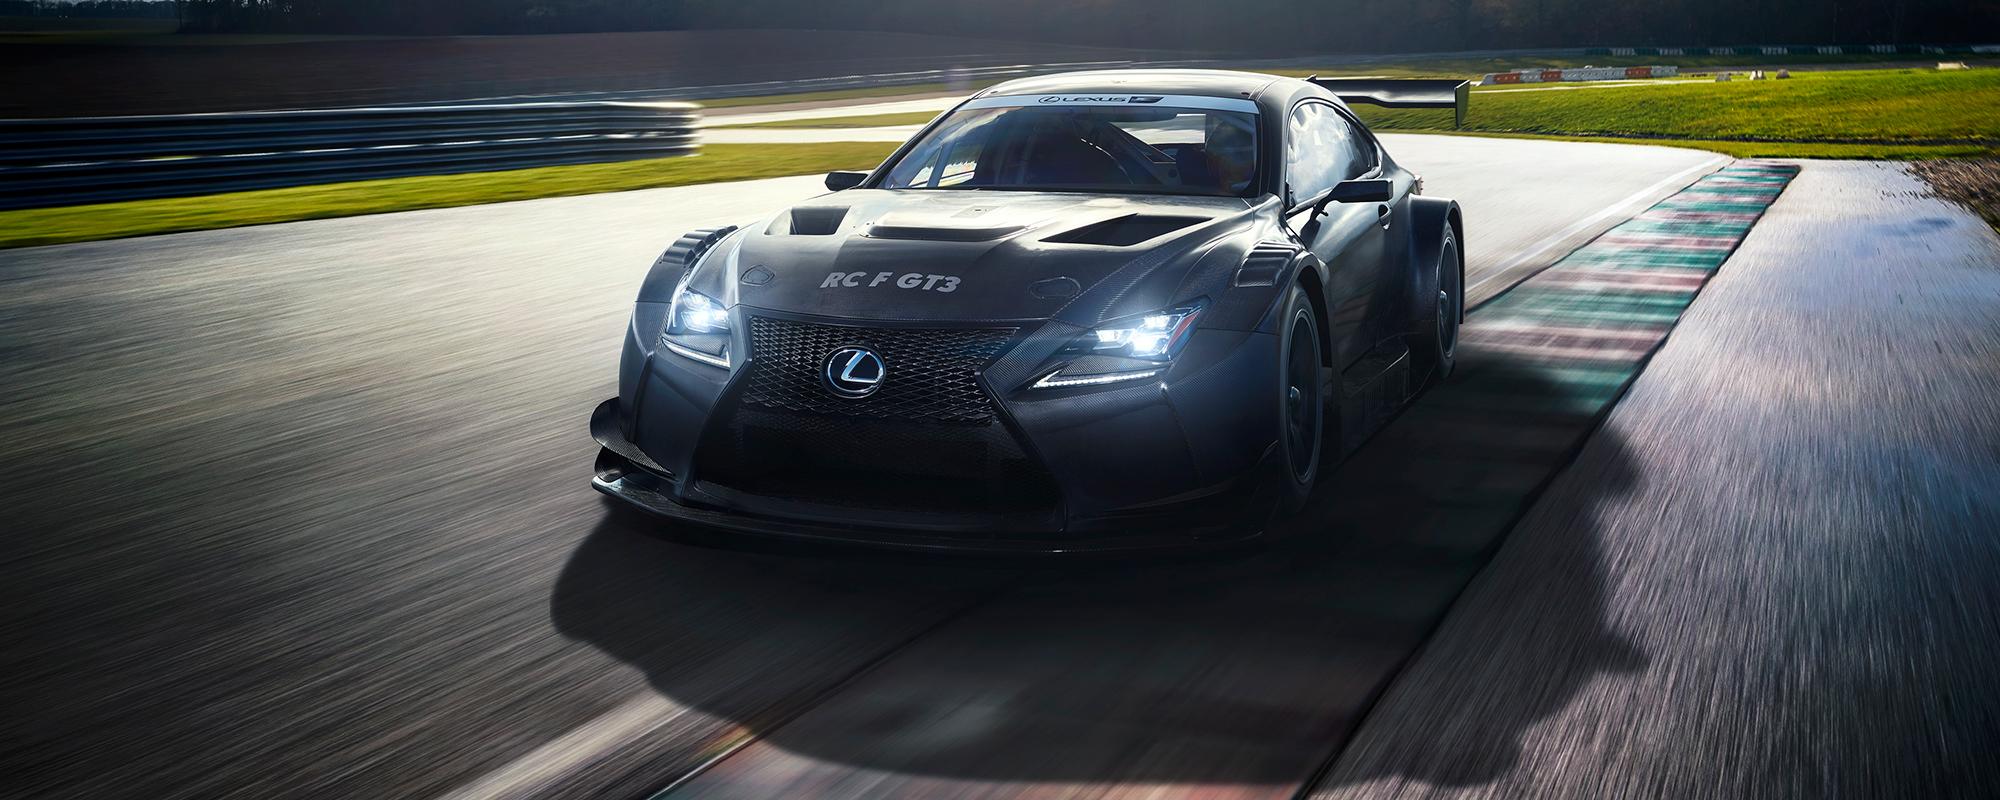 Nieuwe Lexus RC F GT3 voorbode van intens raceseizoen